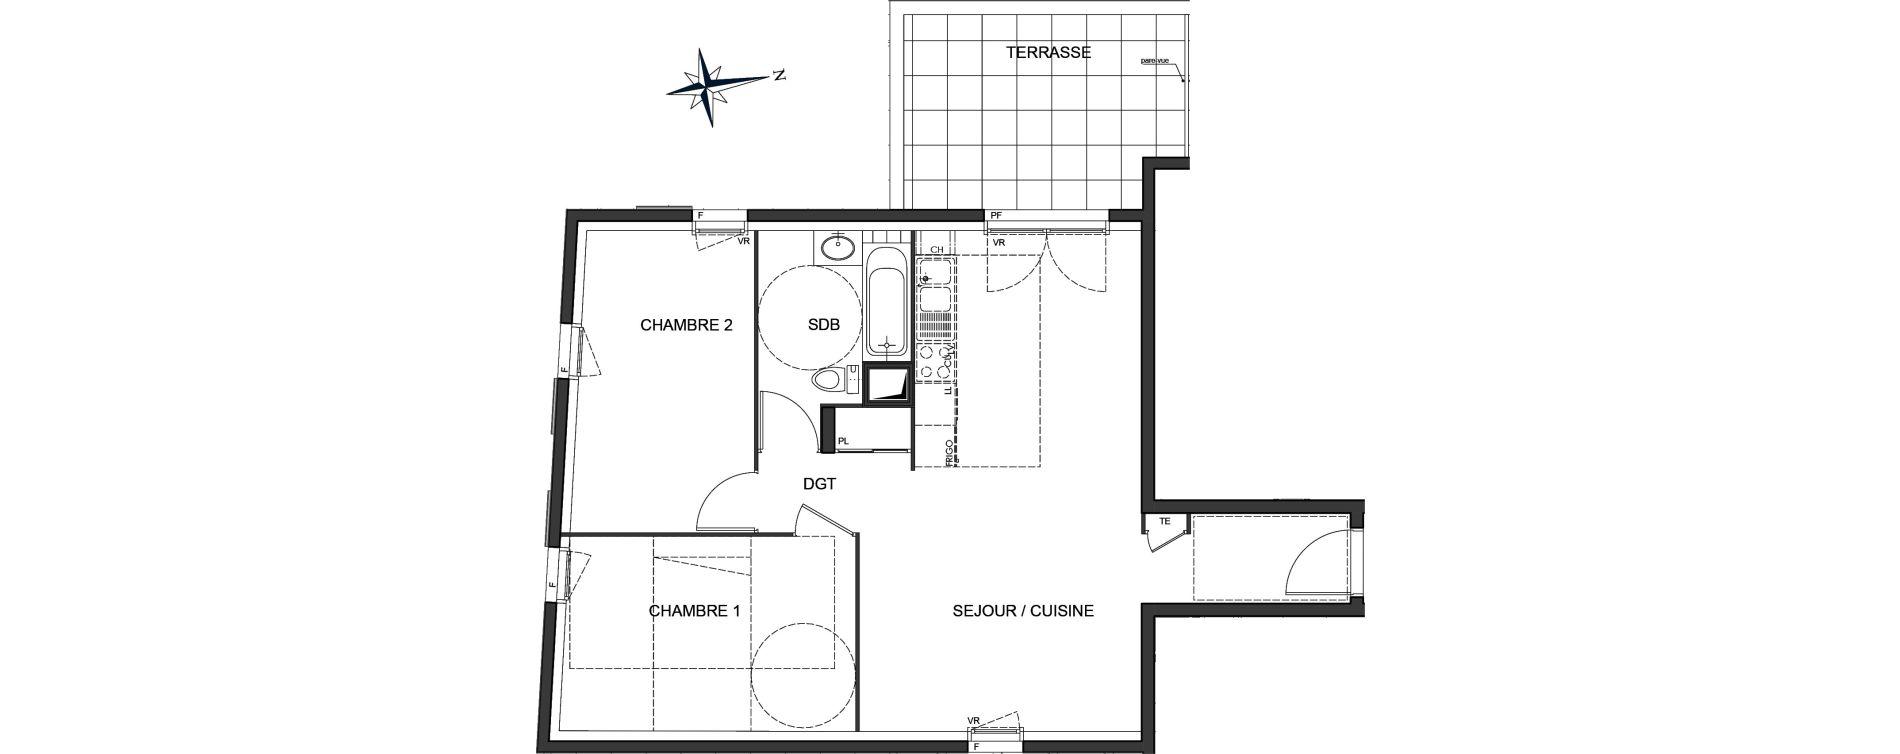 Appartement T3 de 60,88 m2 à Vaulx-En-Velin Centre